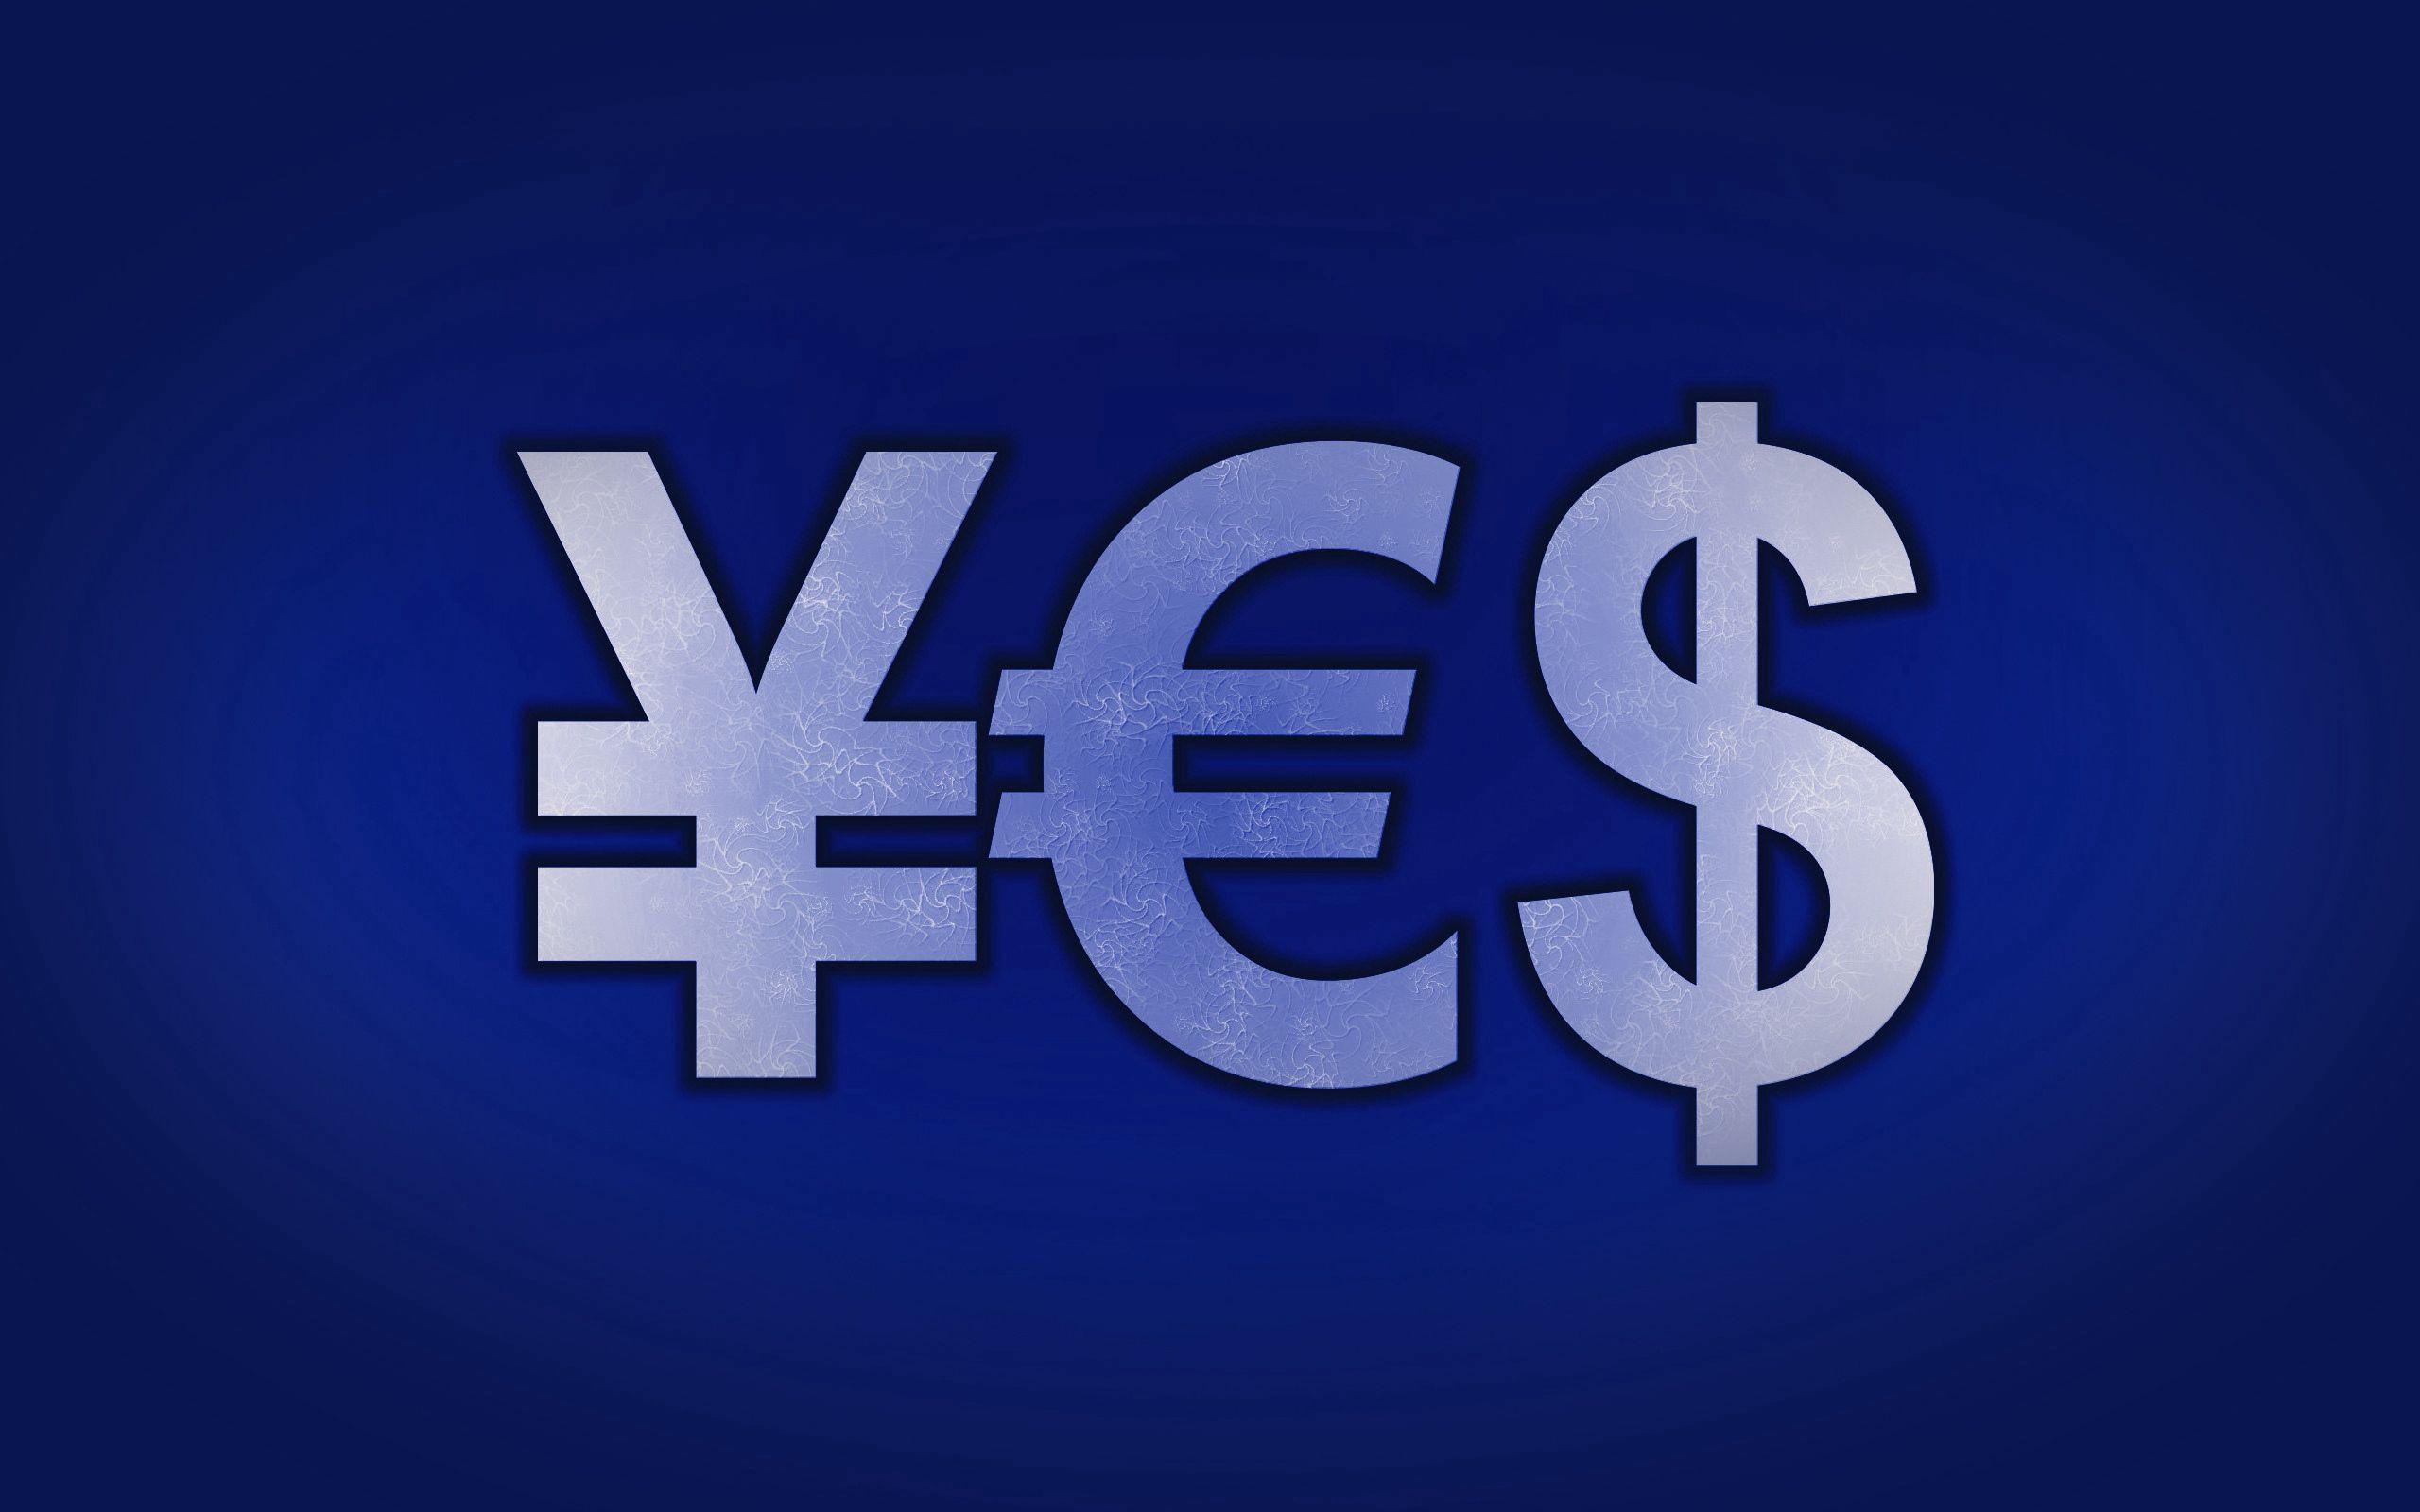 156455 Hintergrundbild herunterladen Geld, Symbole, Zeichen, Die Wörter, Wörter, Macht, Leistung - Bildschirmschoner und Bilder kostenlos